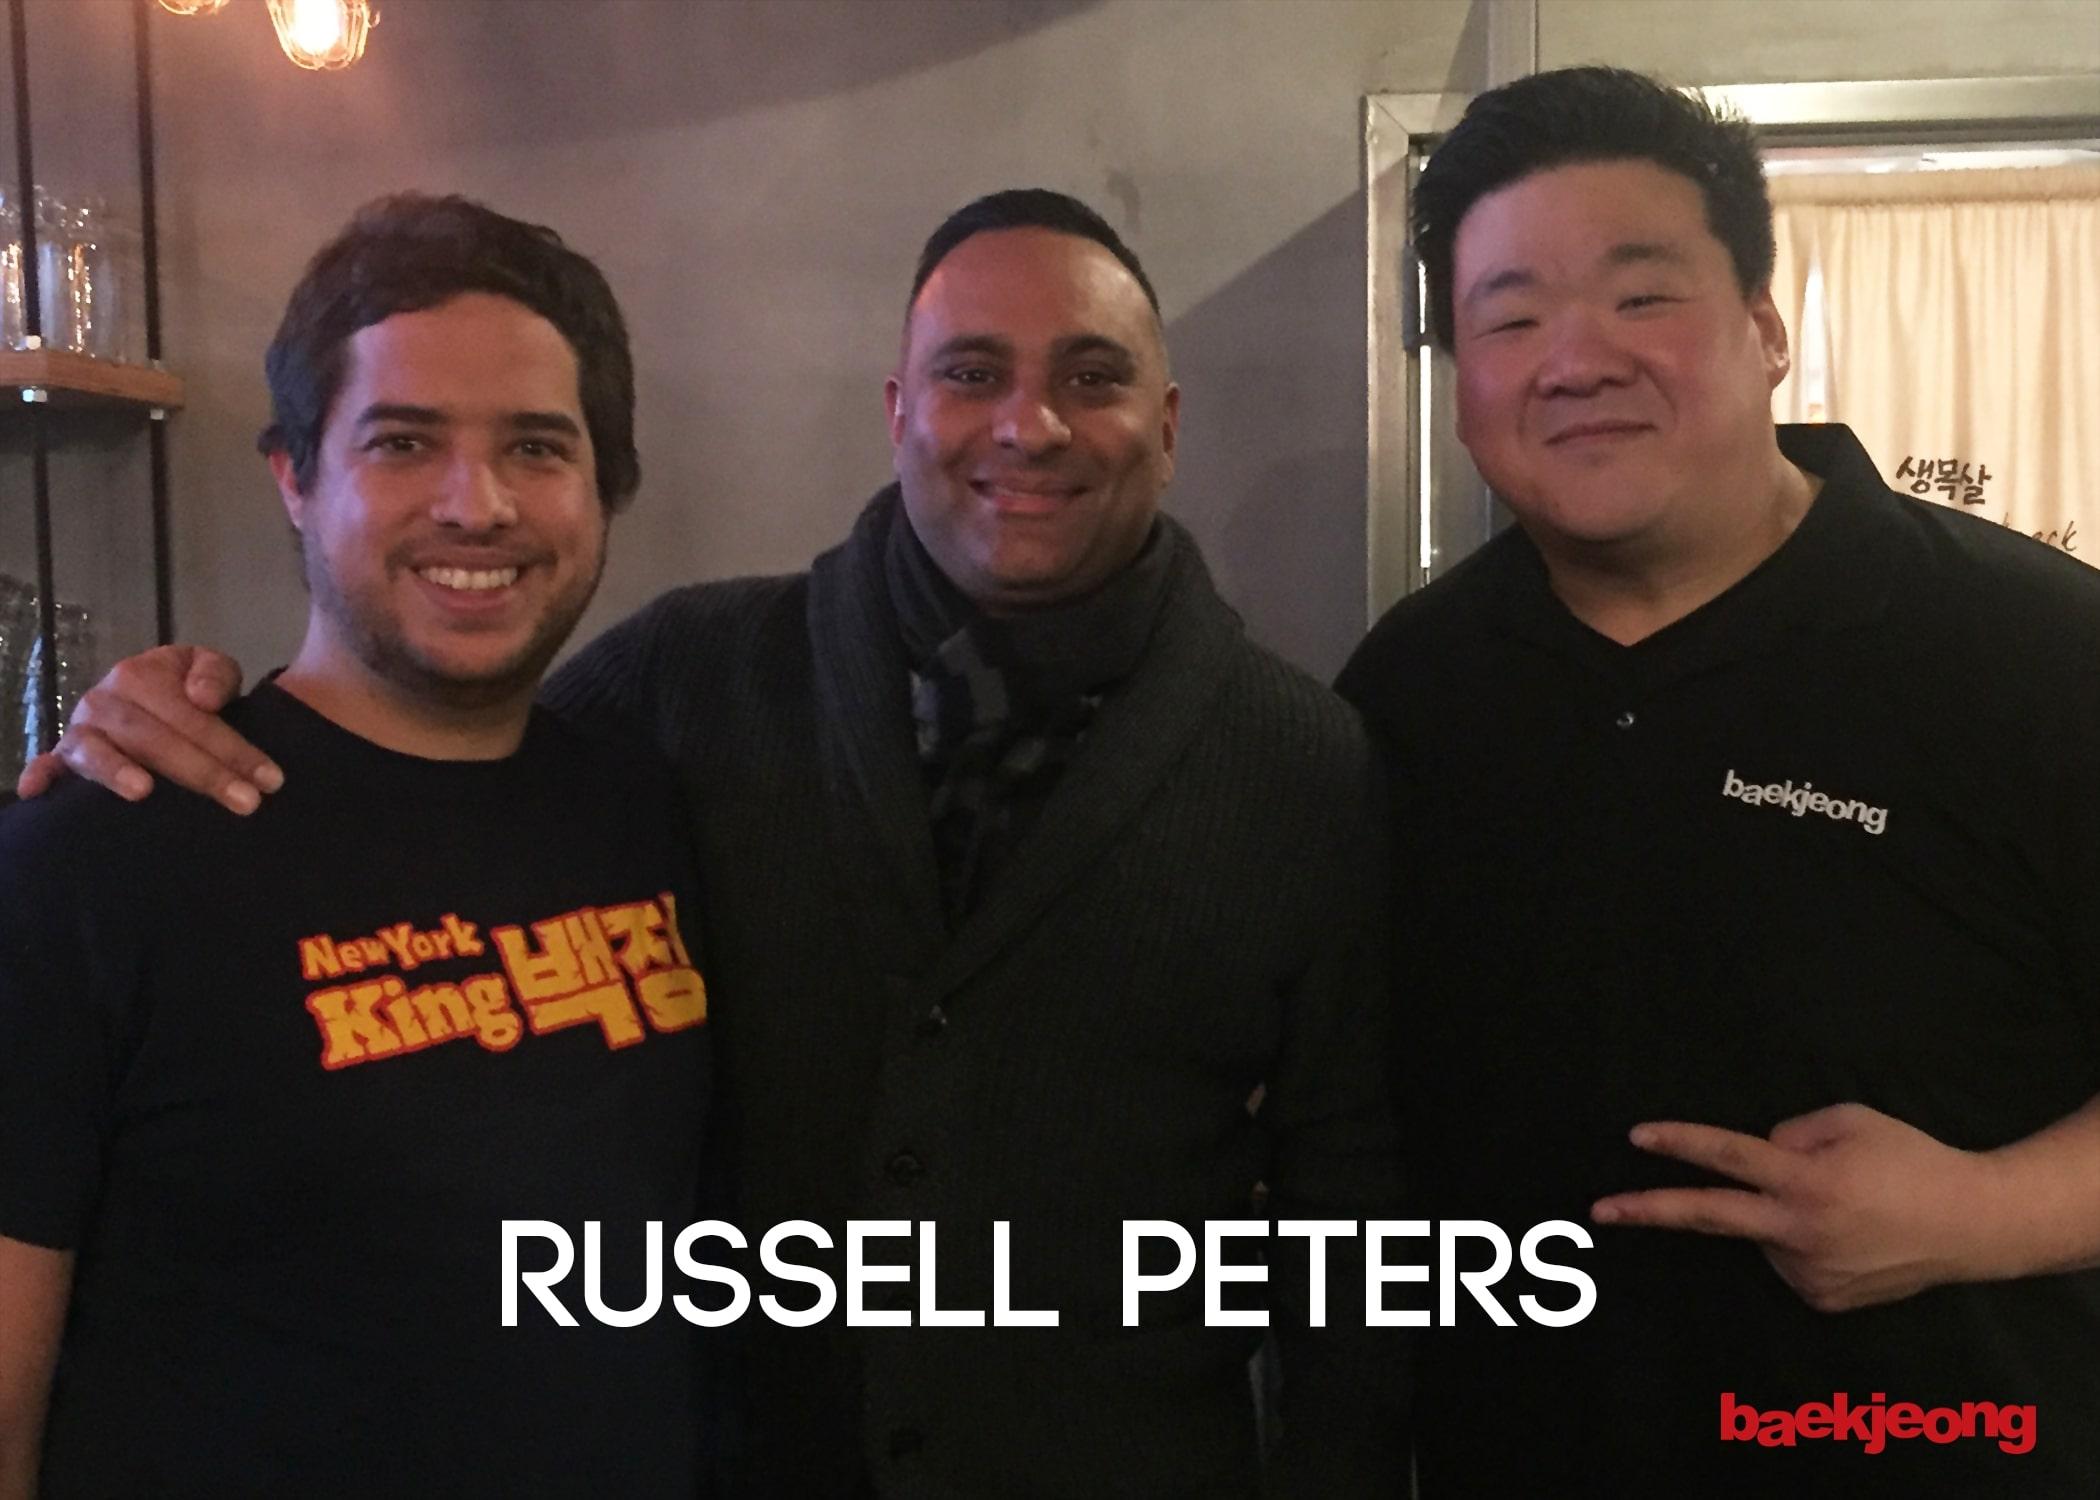 RussellPeters.jpg